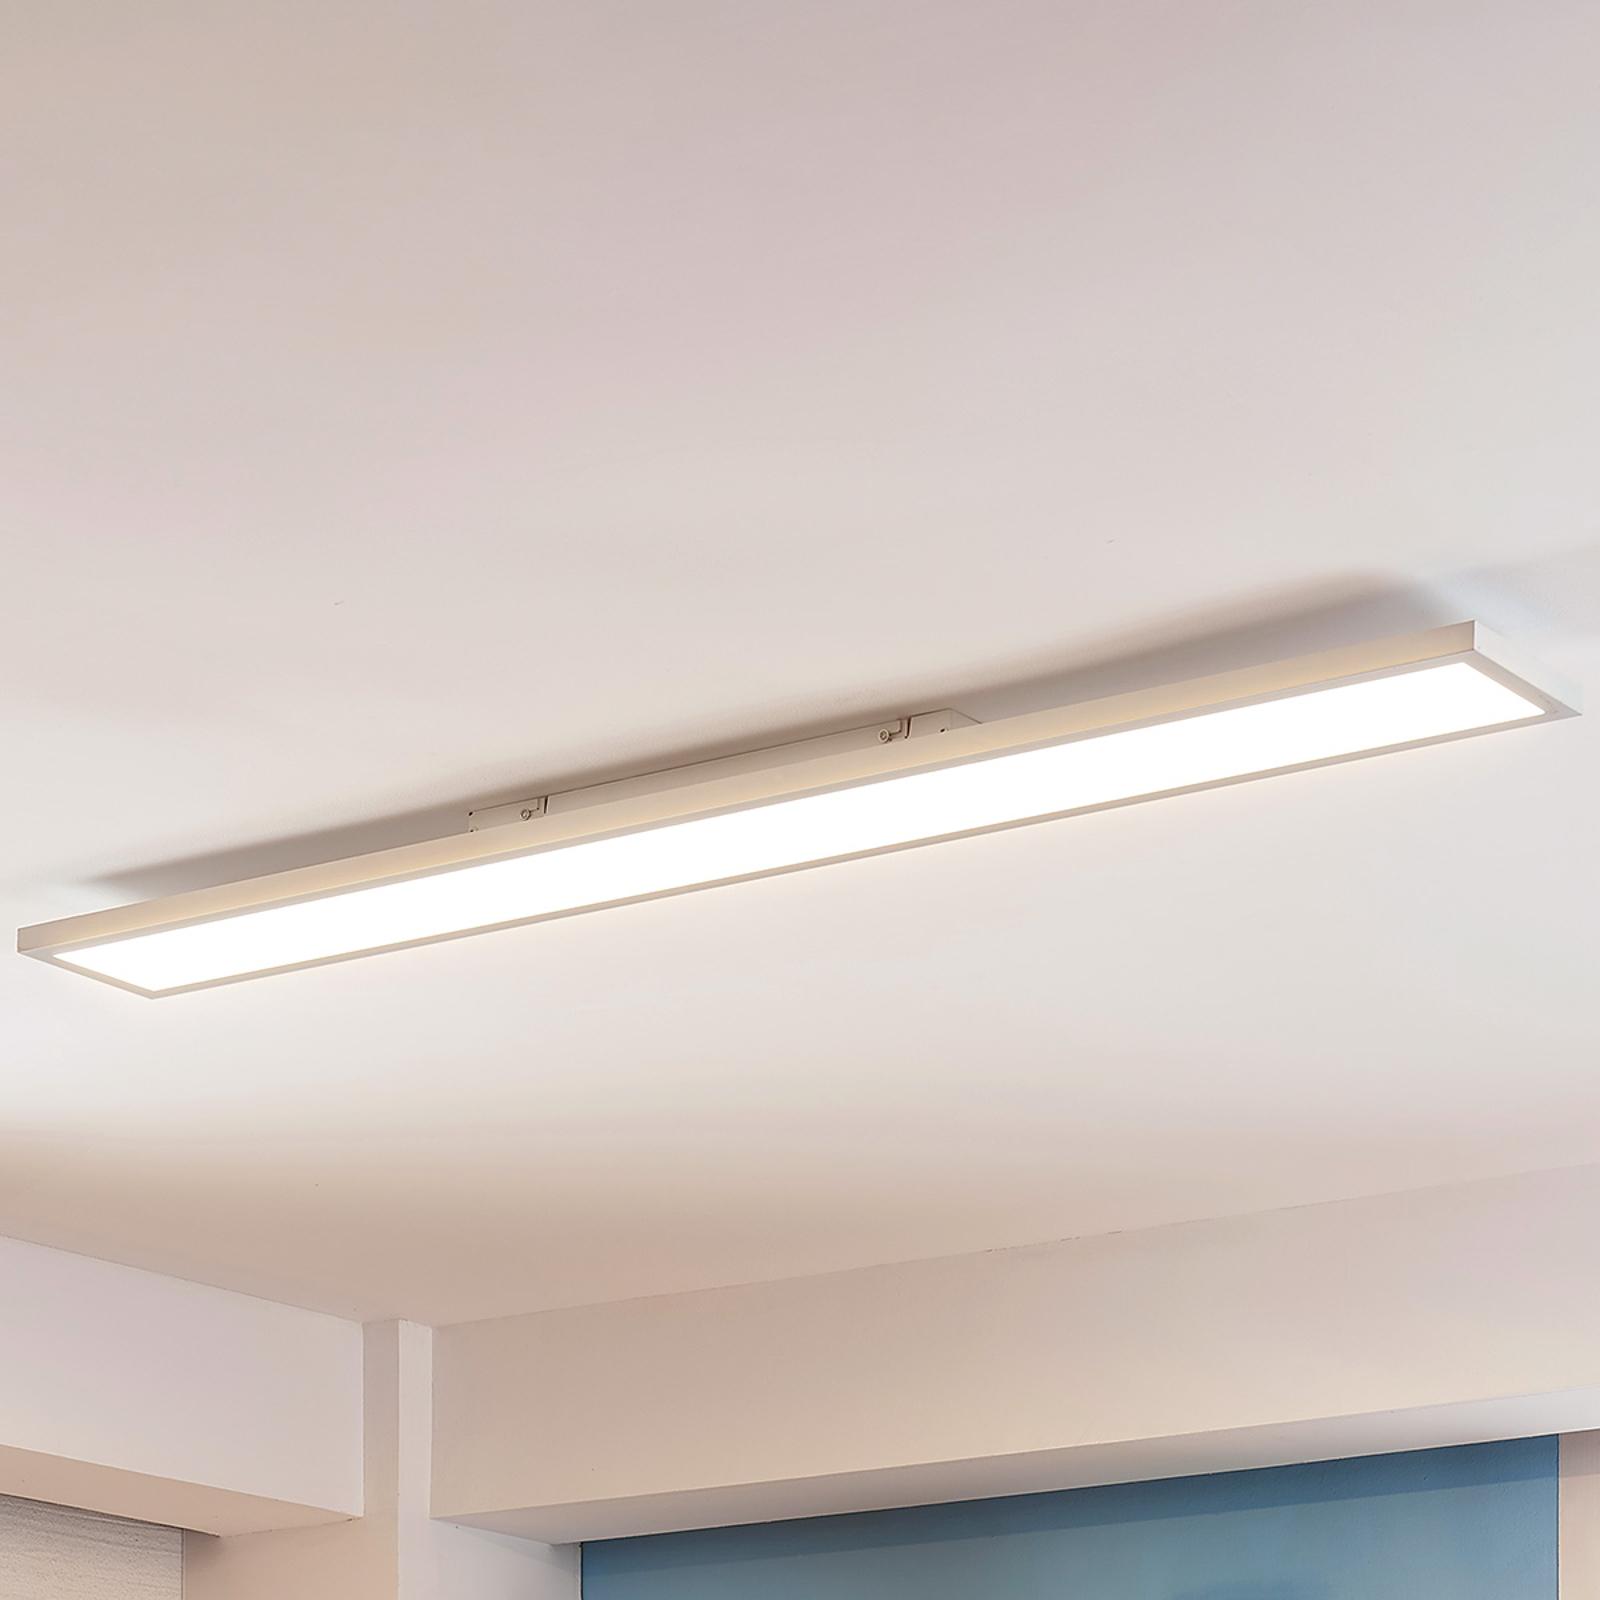 Enora - LED-Panel mit guter Leuchtkraft